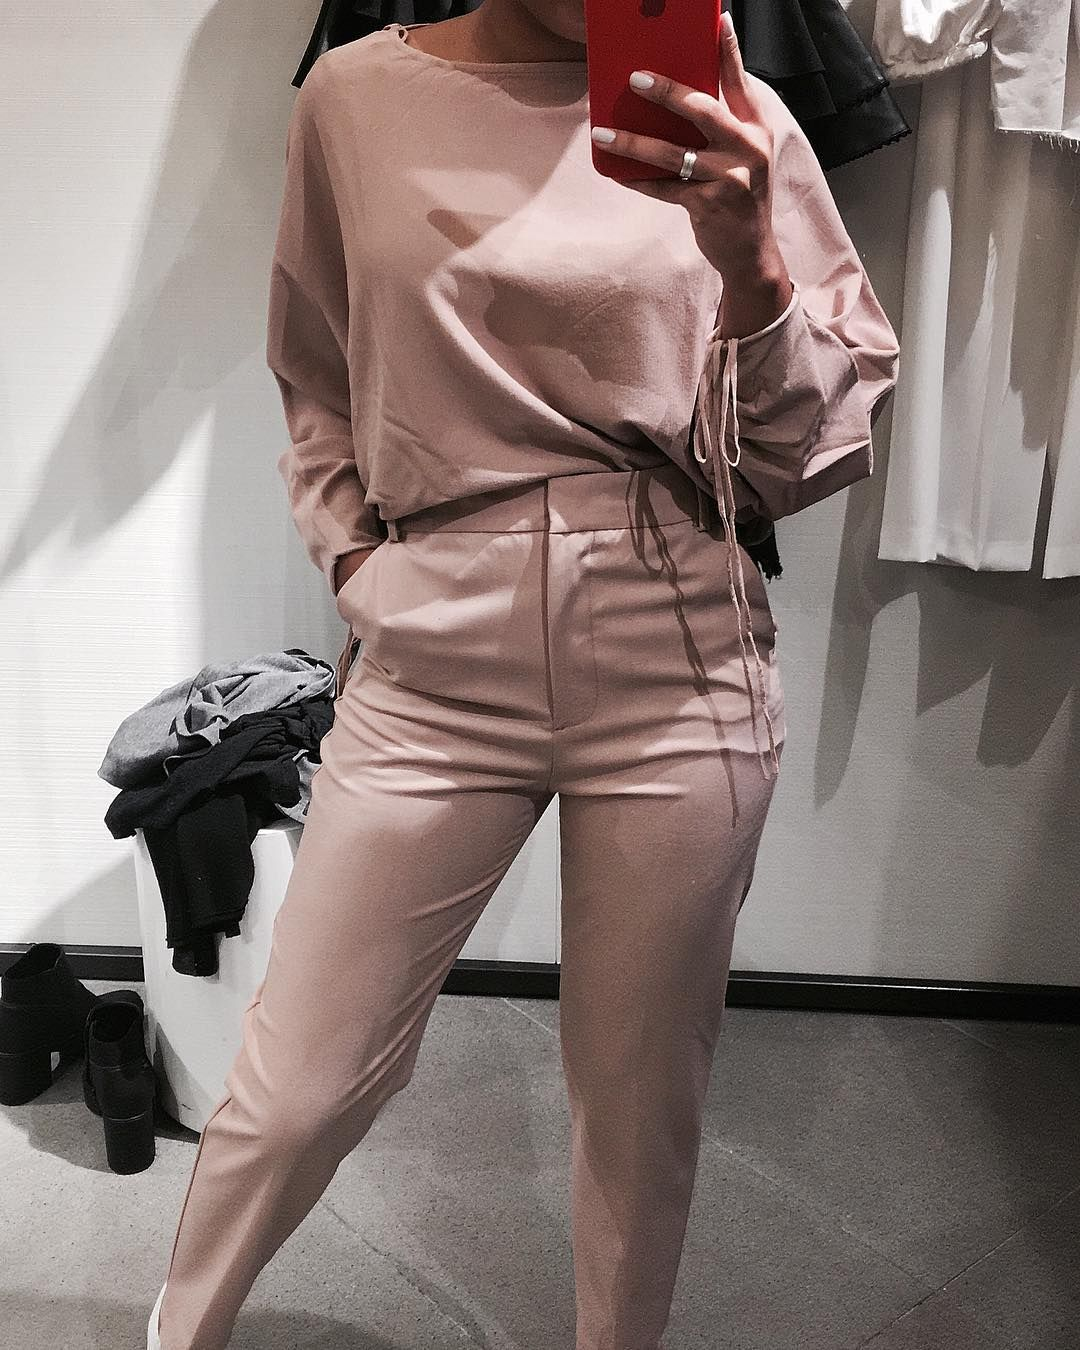 b16f366b8634 Invadi o provador da Zara Brasil e rolou fotinho sim com as roupa da loja  hahahahhahaha quem nunca?! No caso comprei a calça gostaram?